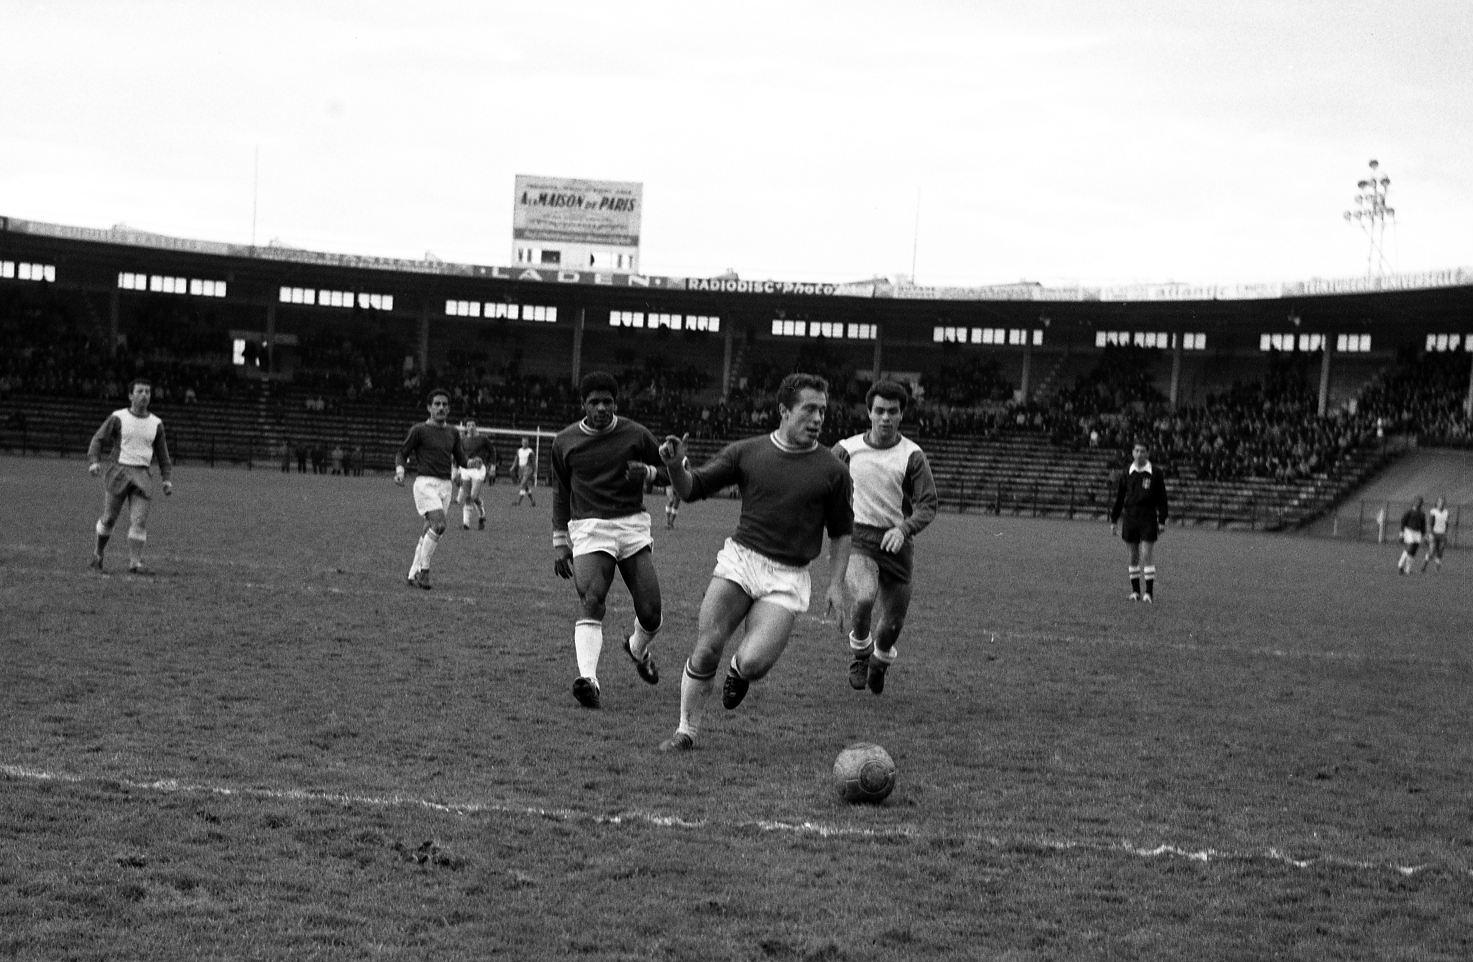 Toulouse Football Club rencontre l'équipe de Nîmes. Cliché pris durant le match. Au 1er plan action de jeu ; en arrière-plan gradins avec spectateurs